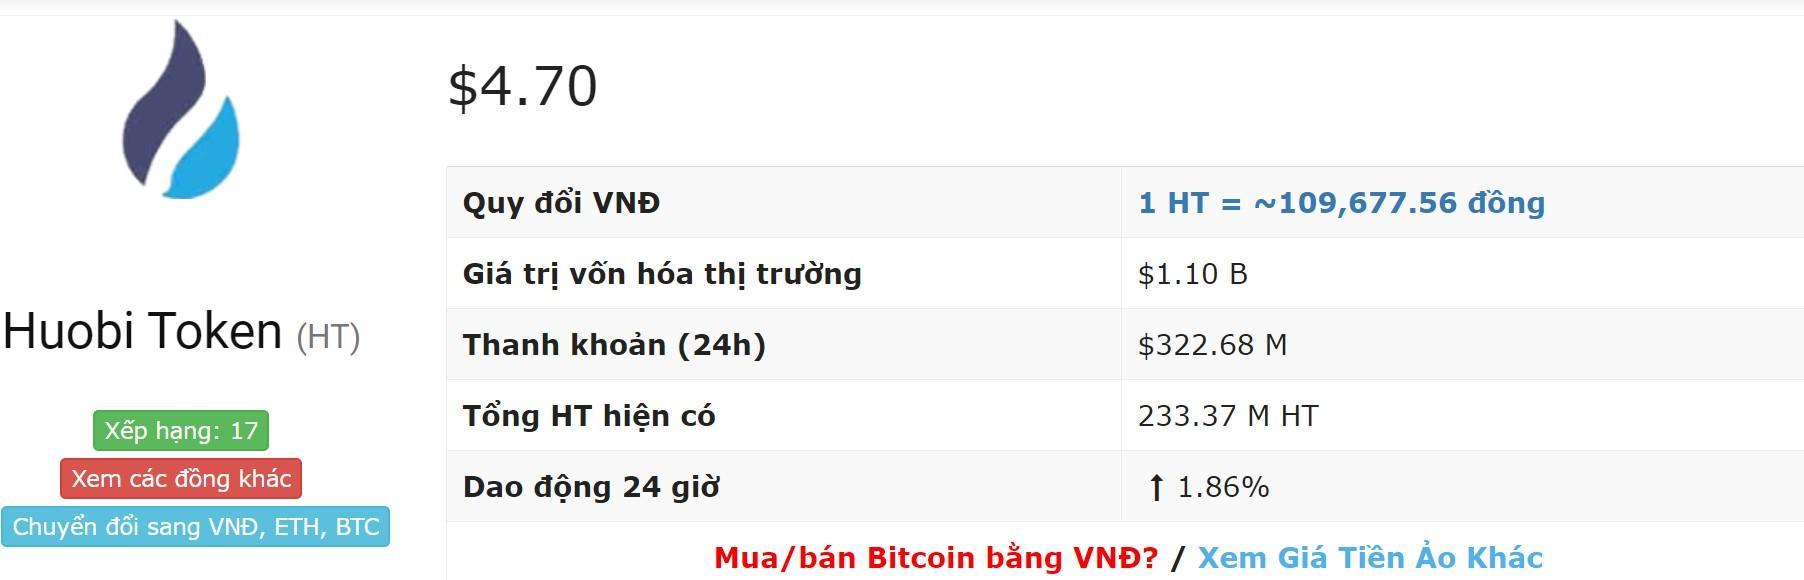 Tỷ giá Huobi Token